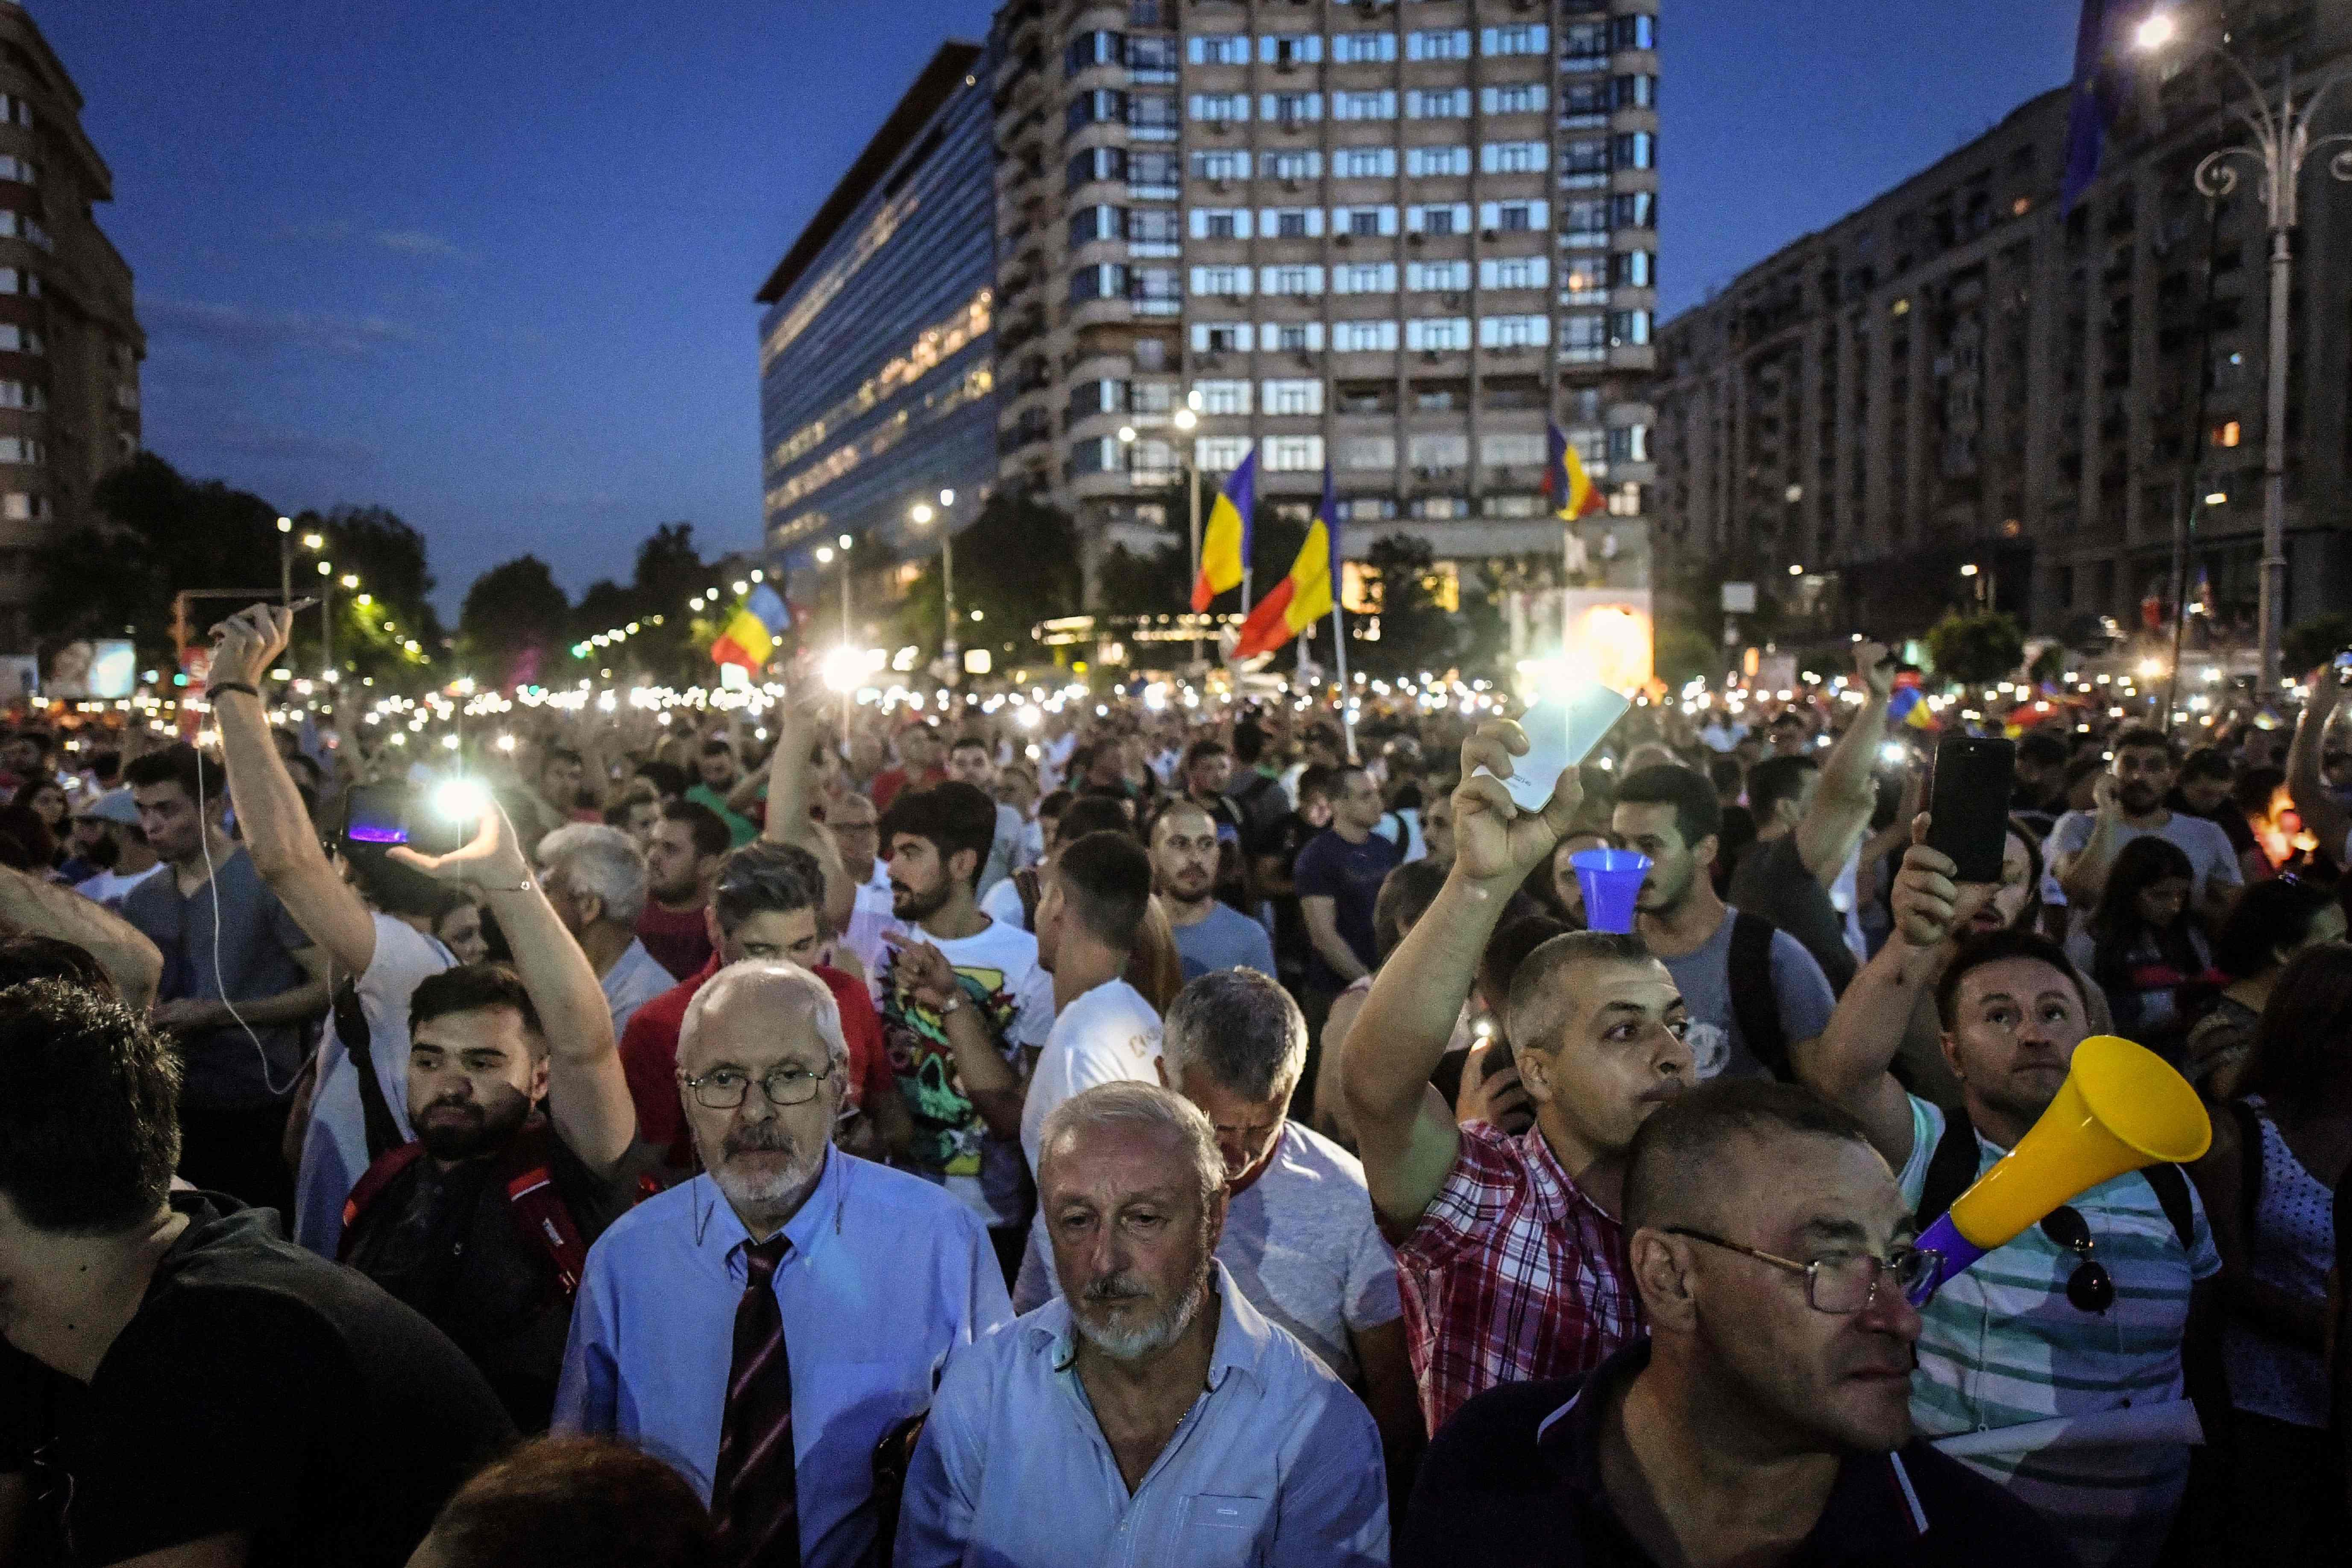 تظاهرة جديدة فى بوخارست